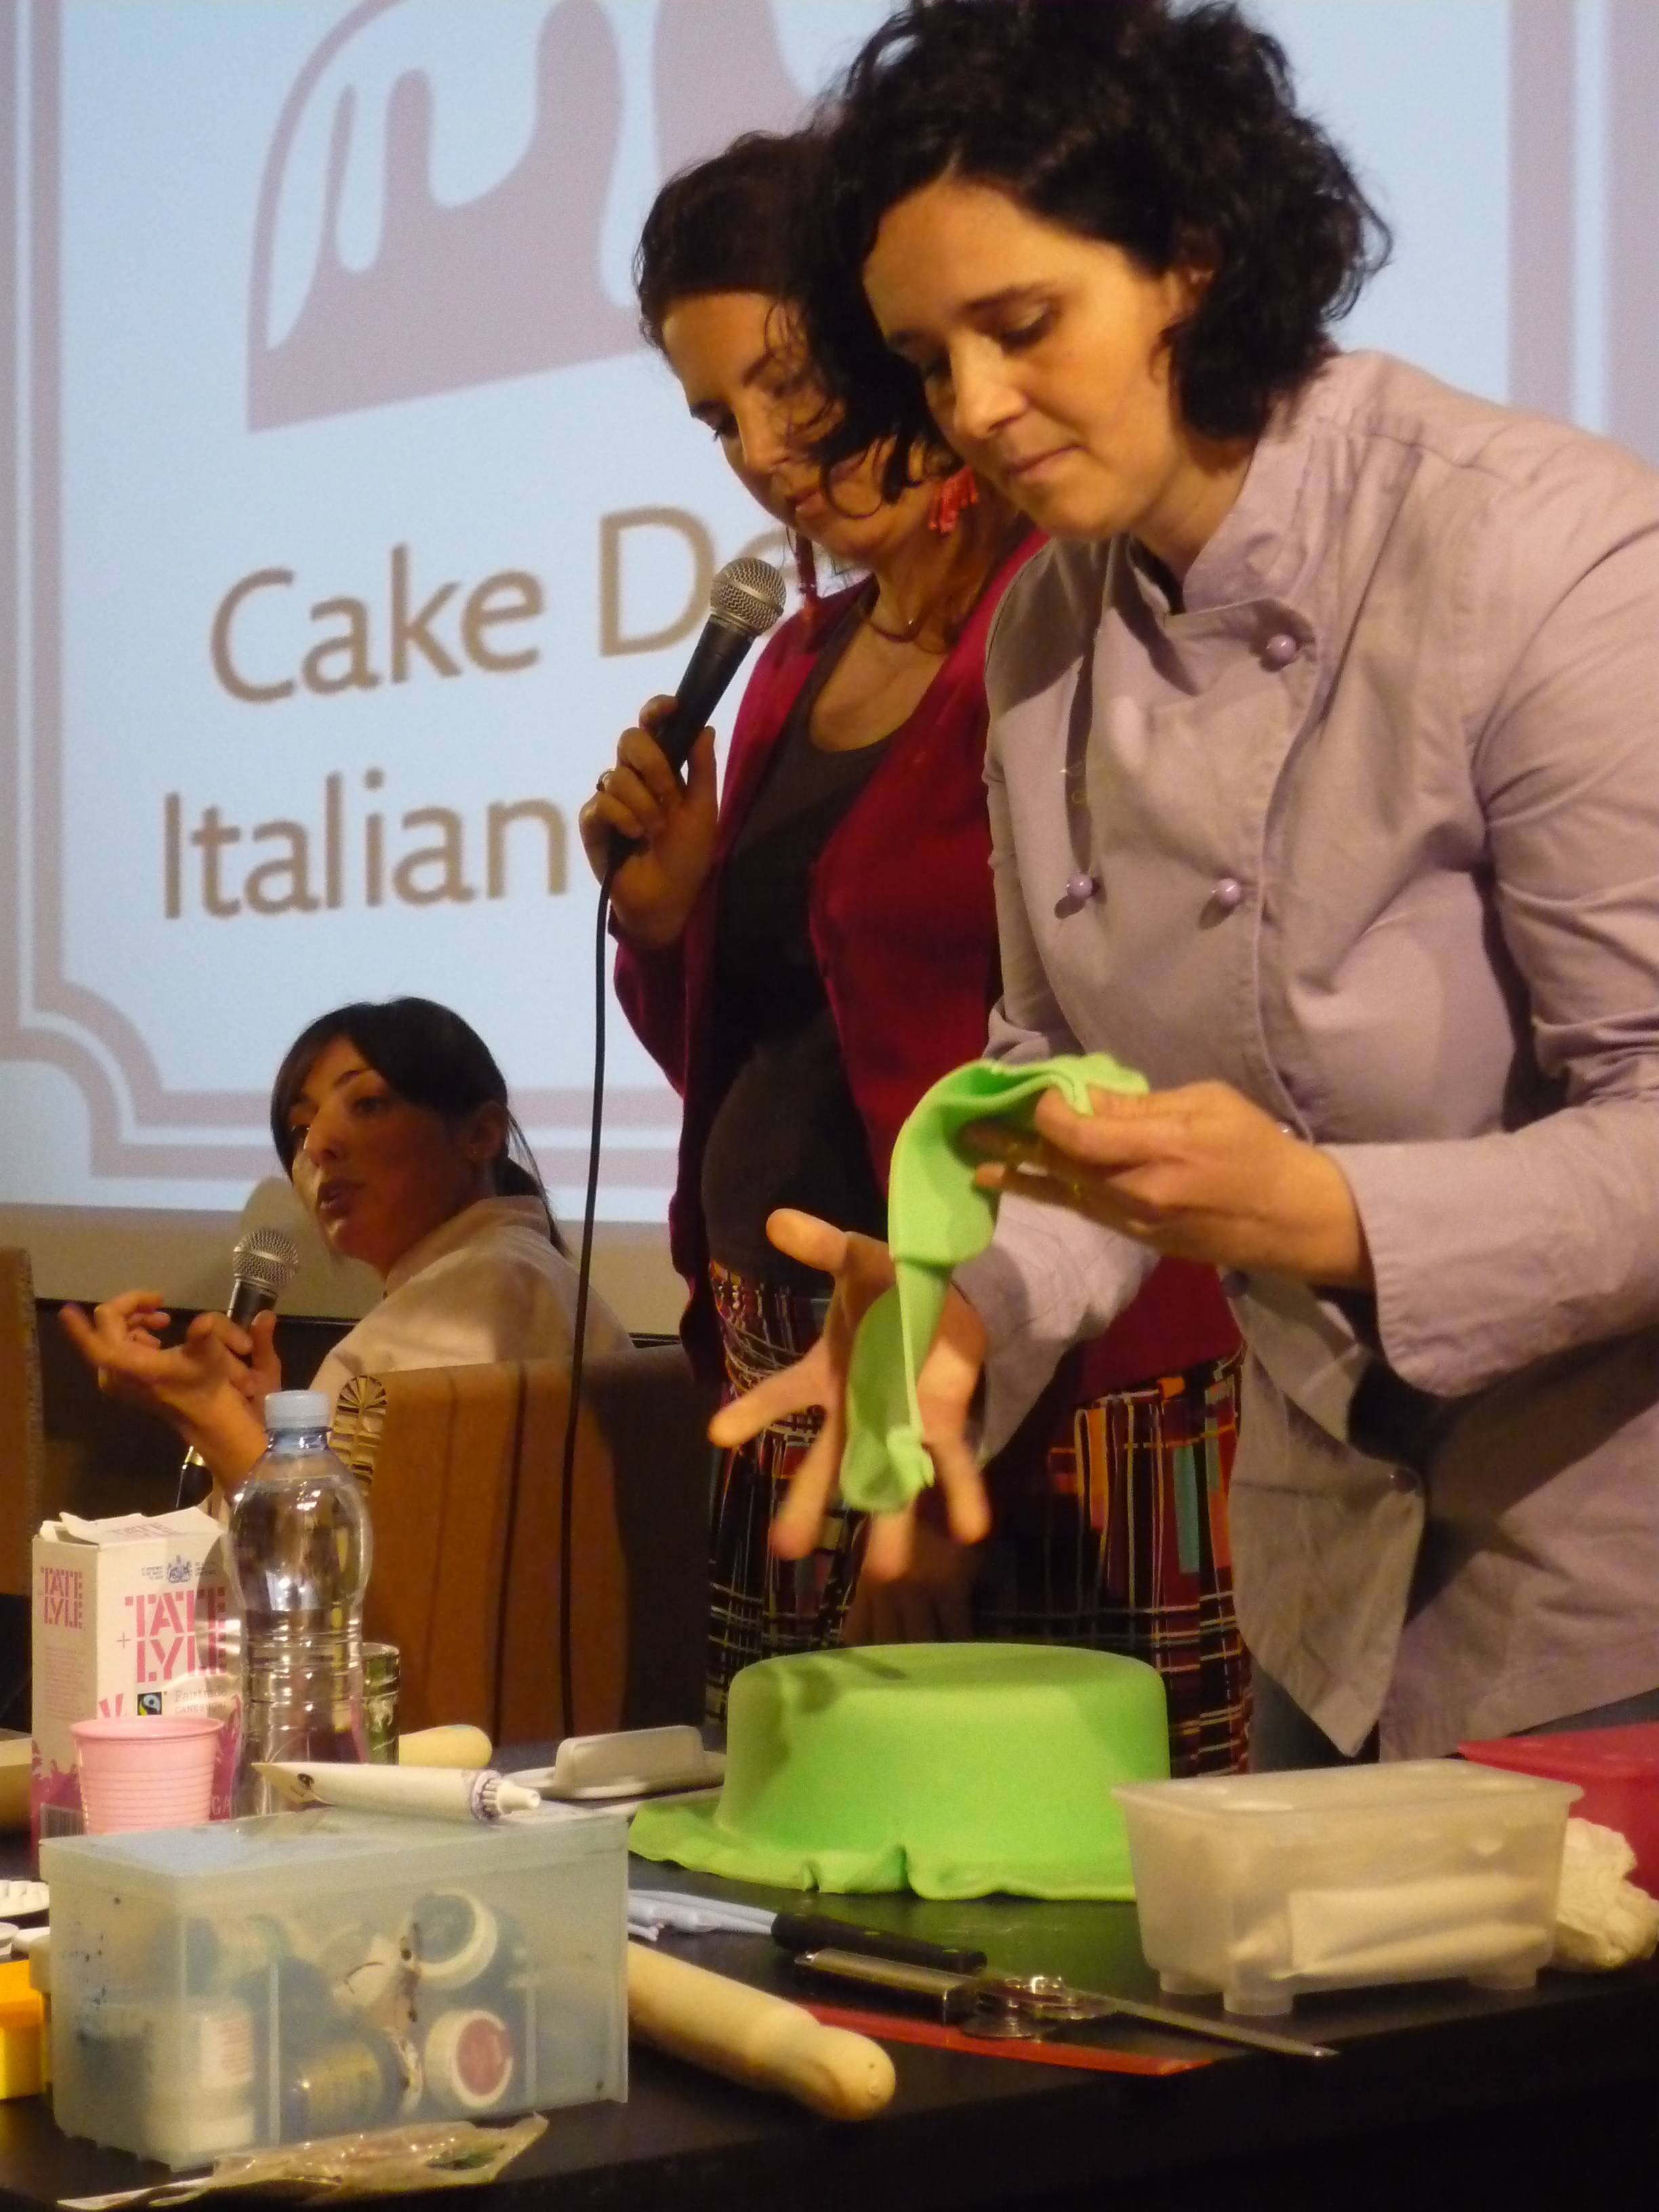 Corsi Cake Design Renato : Corsi di cake design by Silovoglio events! Eatitmilano